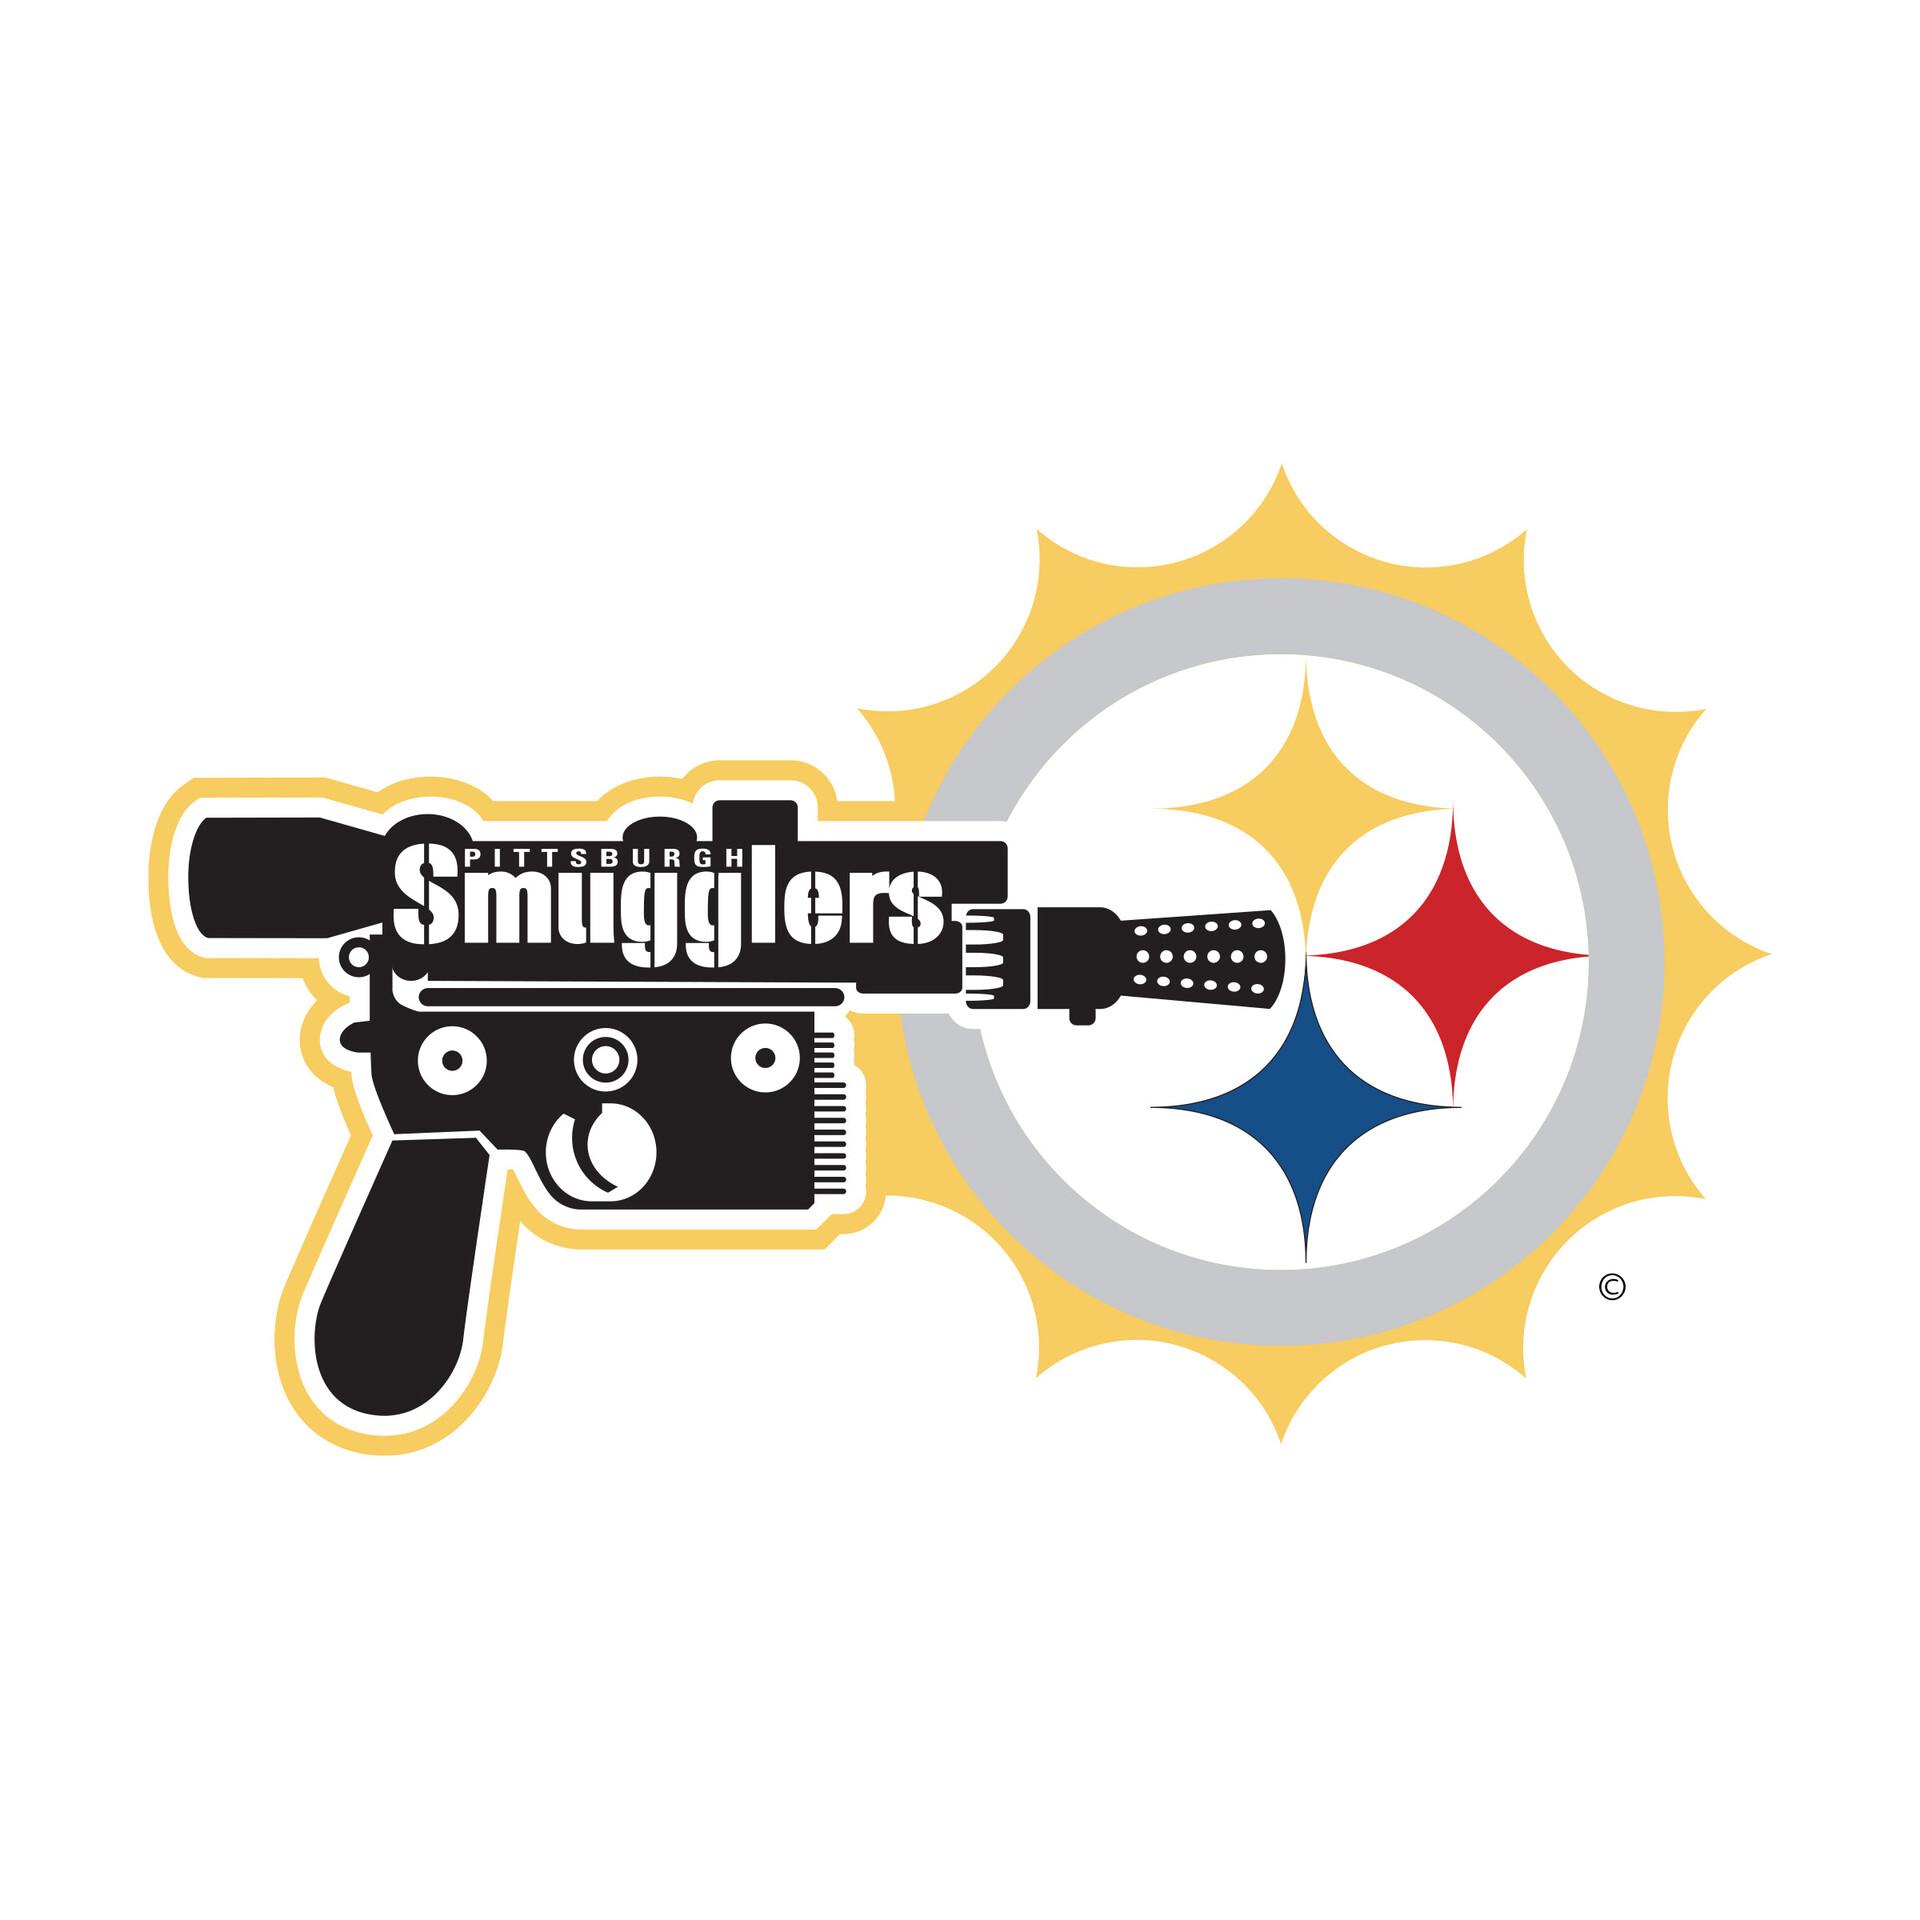 Pittsburgh Smugglers